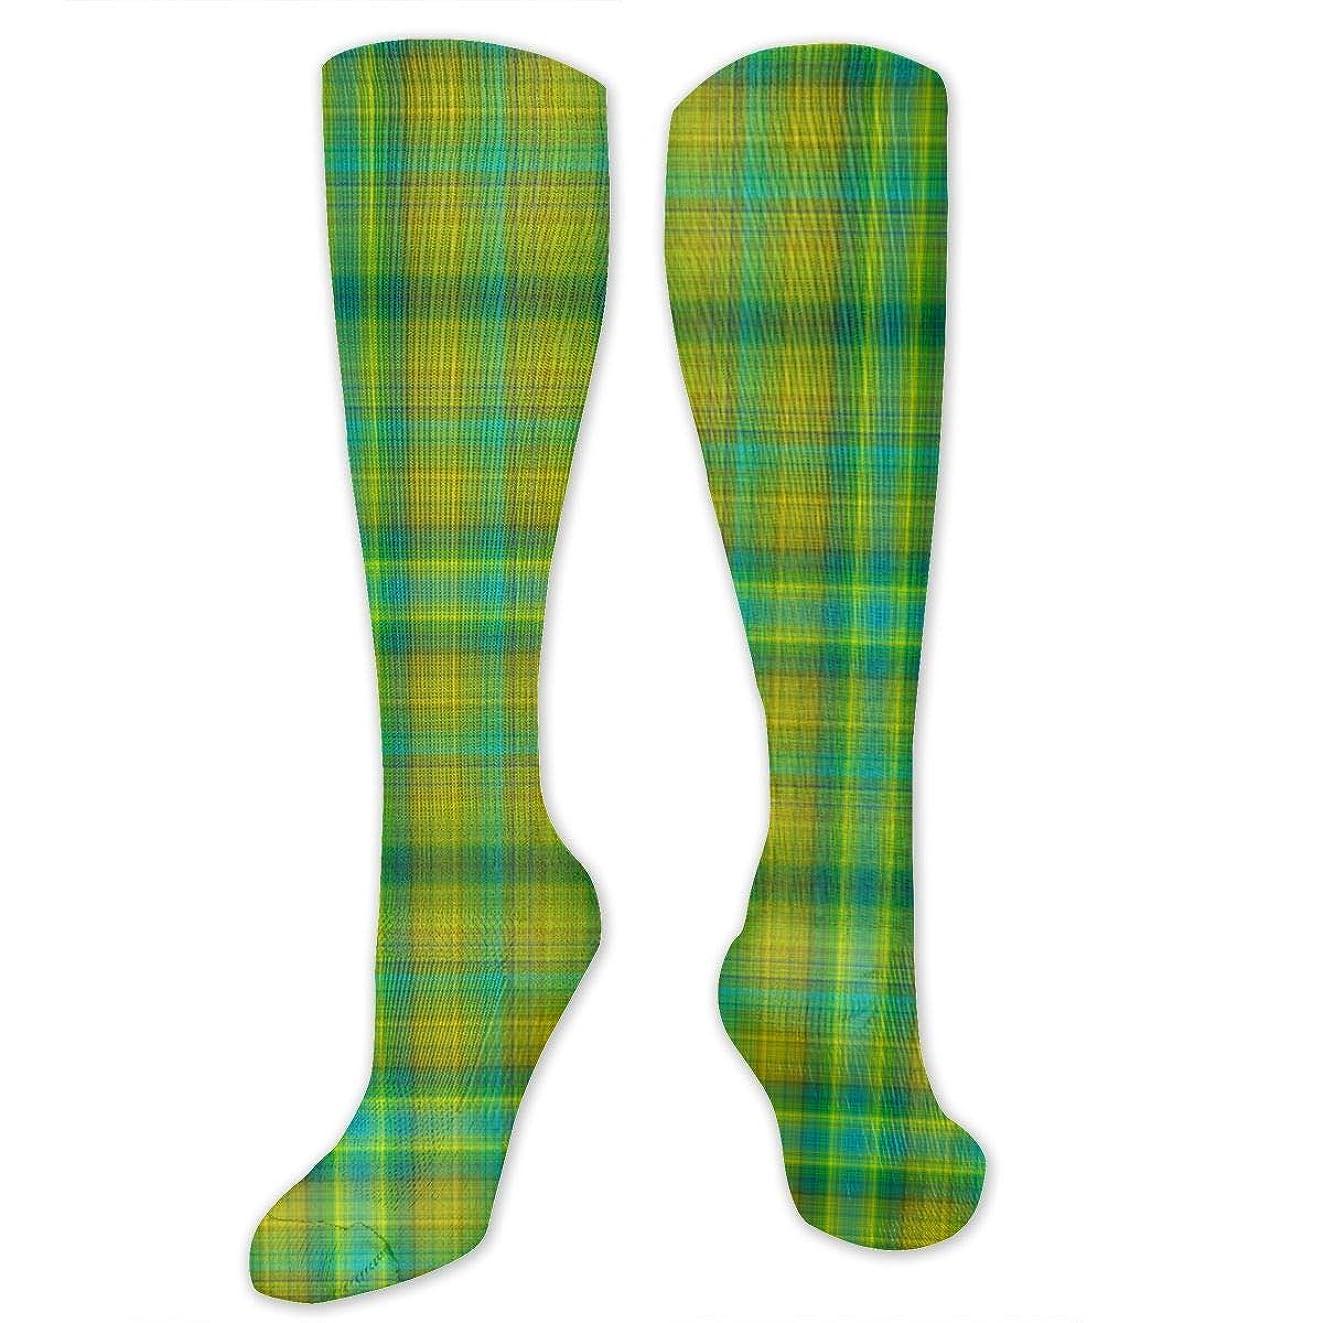 魔術師解体するターゲット靴下,ストッキング,野生のジョーカー,実際,秋の本質,冬必須,サマーウェア&RBXAA Green Spring Grass Large Plaid Tartan Socks Women's Winter Cotton Long Tube Socks Cotton Solid & Patterned Dress Socks